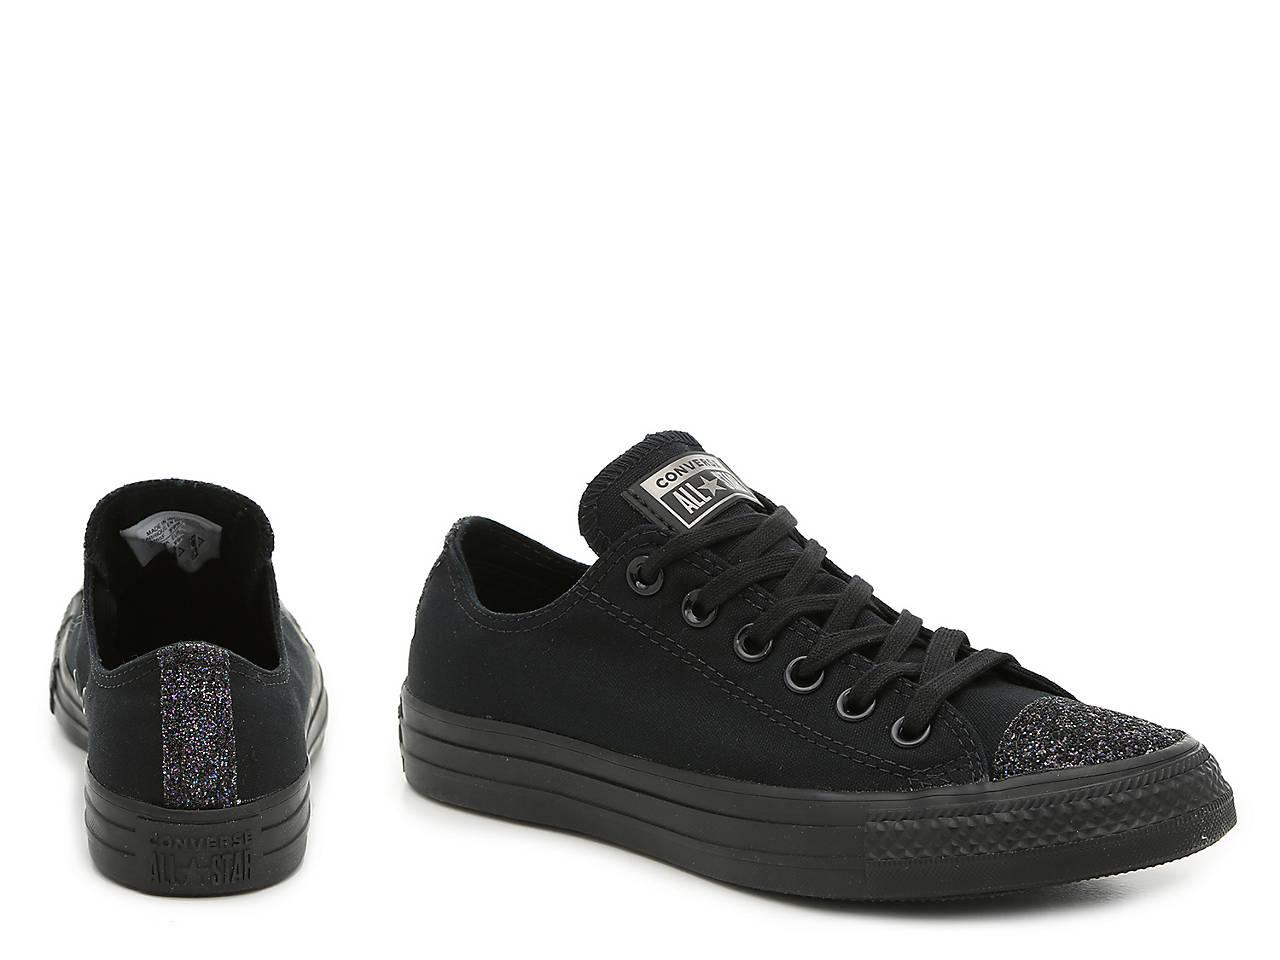 Converse Chuck Taylor All Star Glitter Sneaker - Women s Women s ... 932f1d29d6